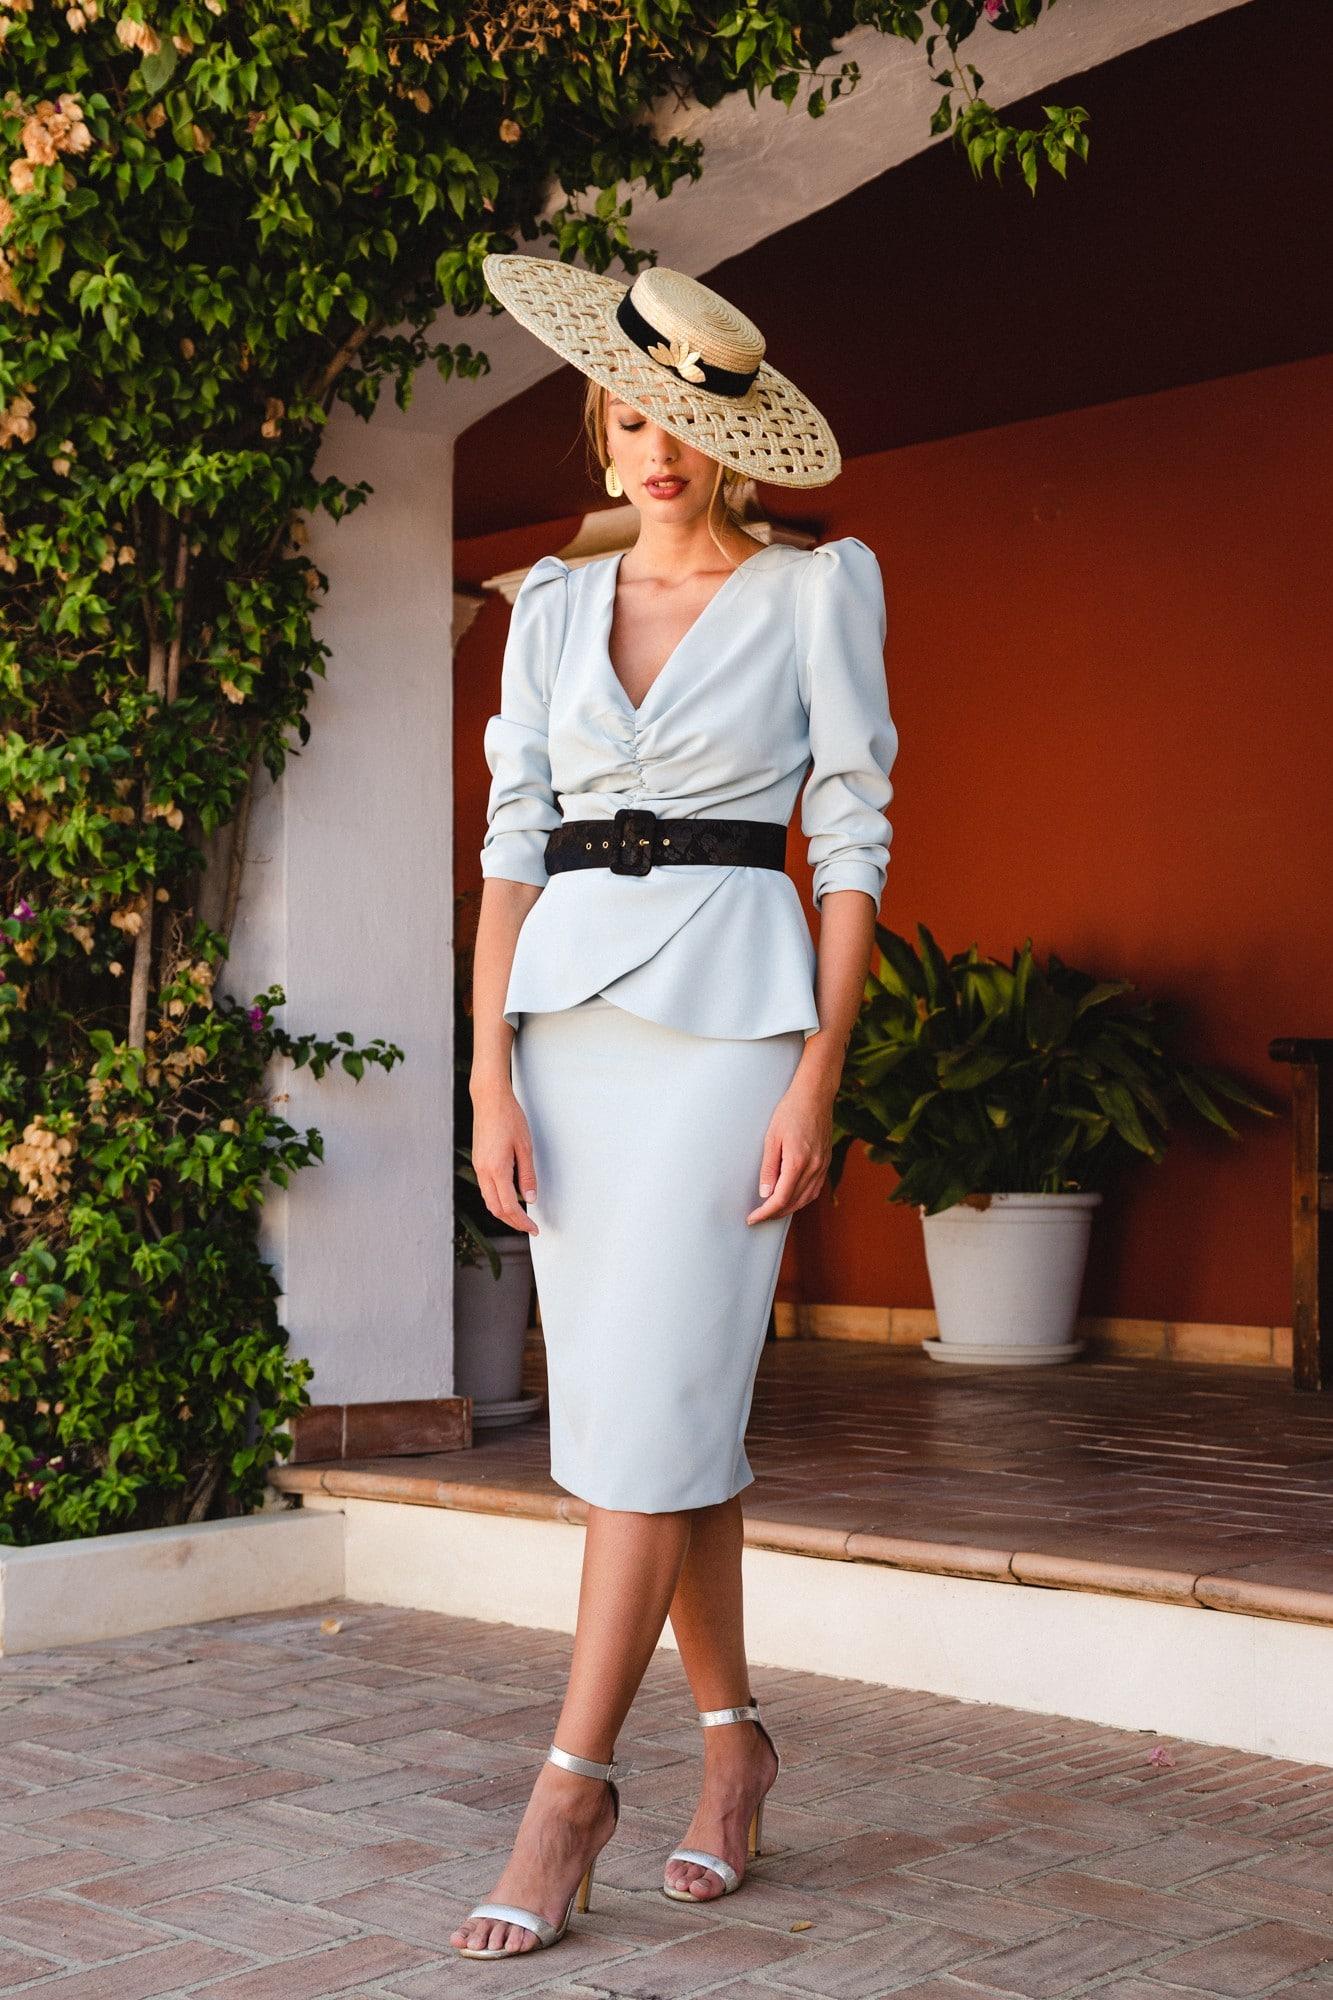 Las mejores tiendas para alquilar tu look de invitada de boda - Mimage